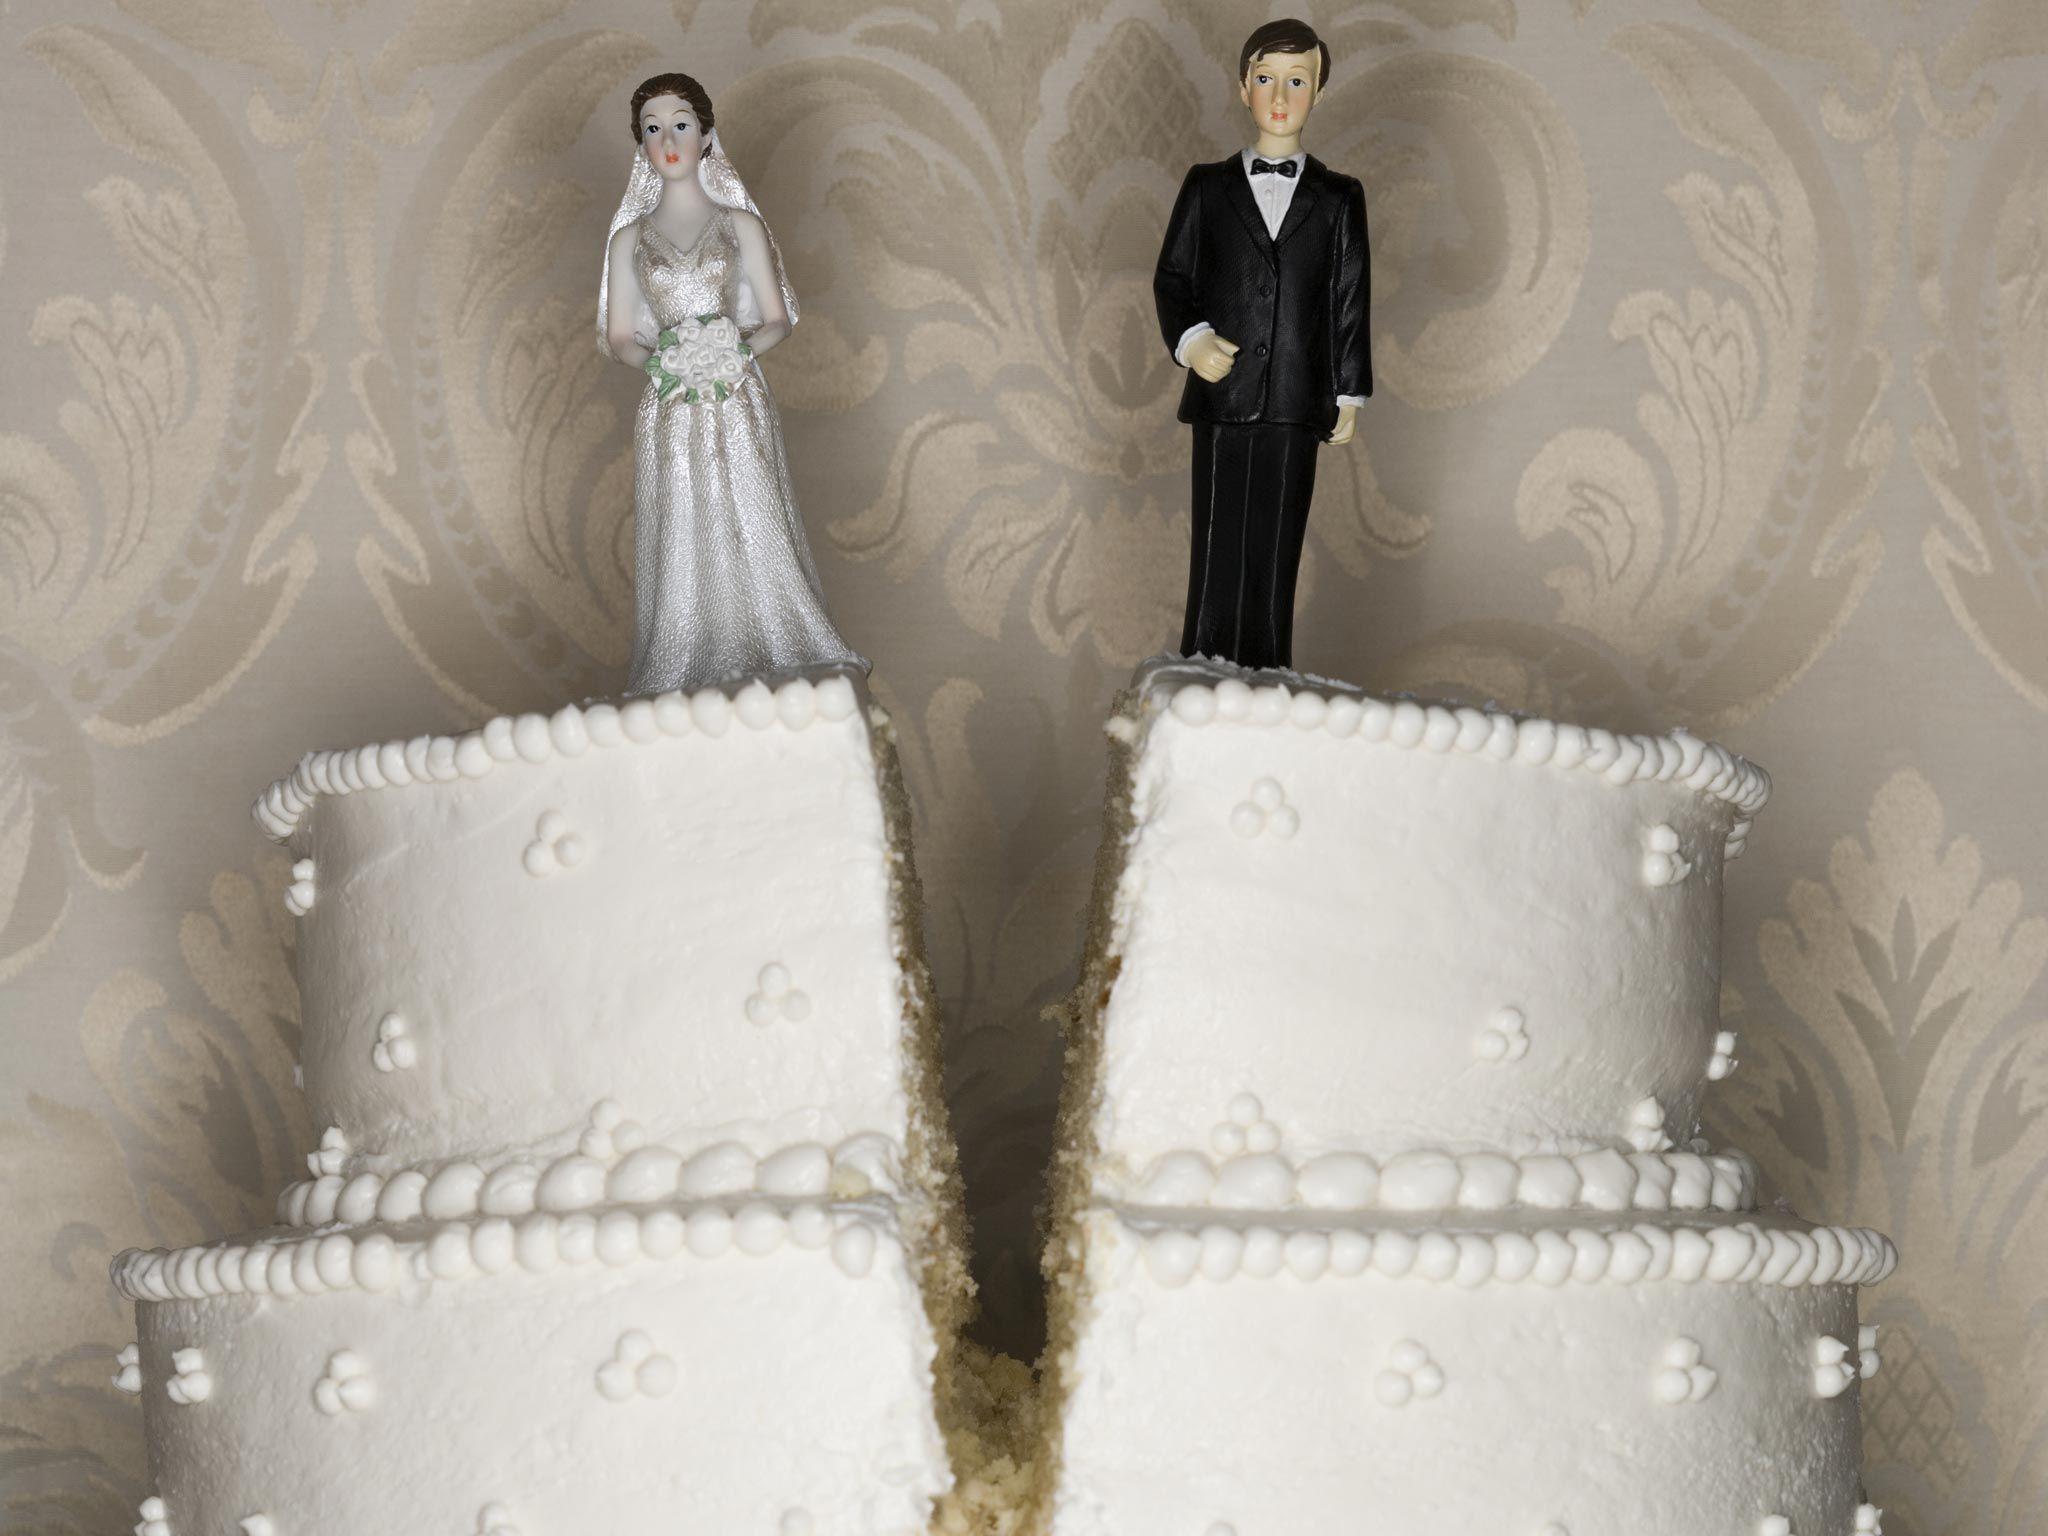 La fin d'un des divorces les plus chers de l'histoire?